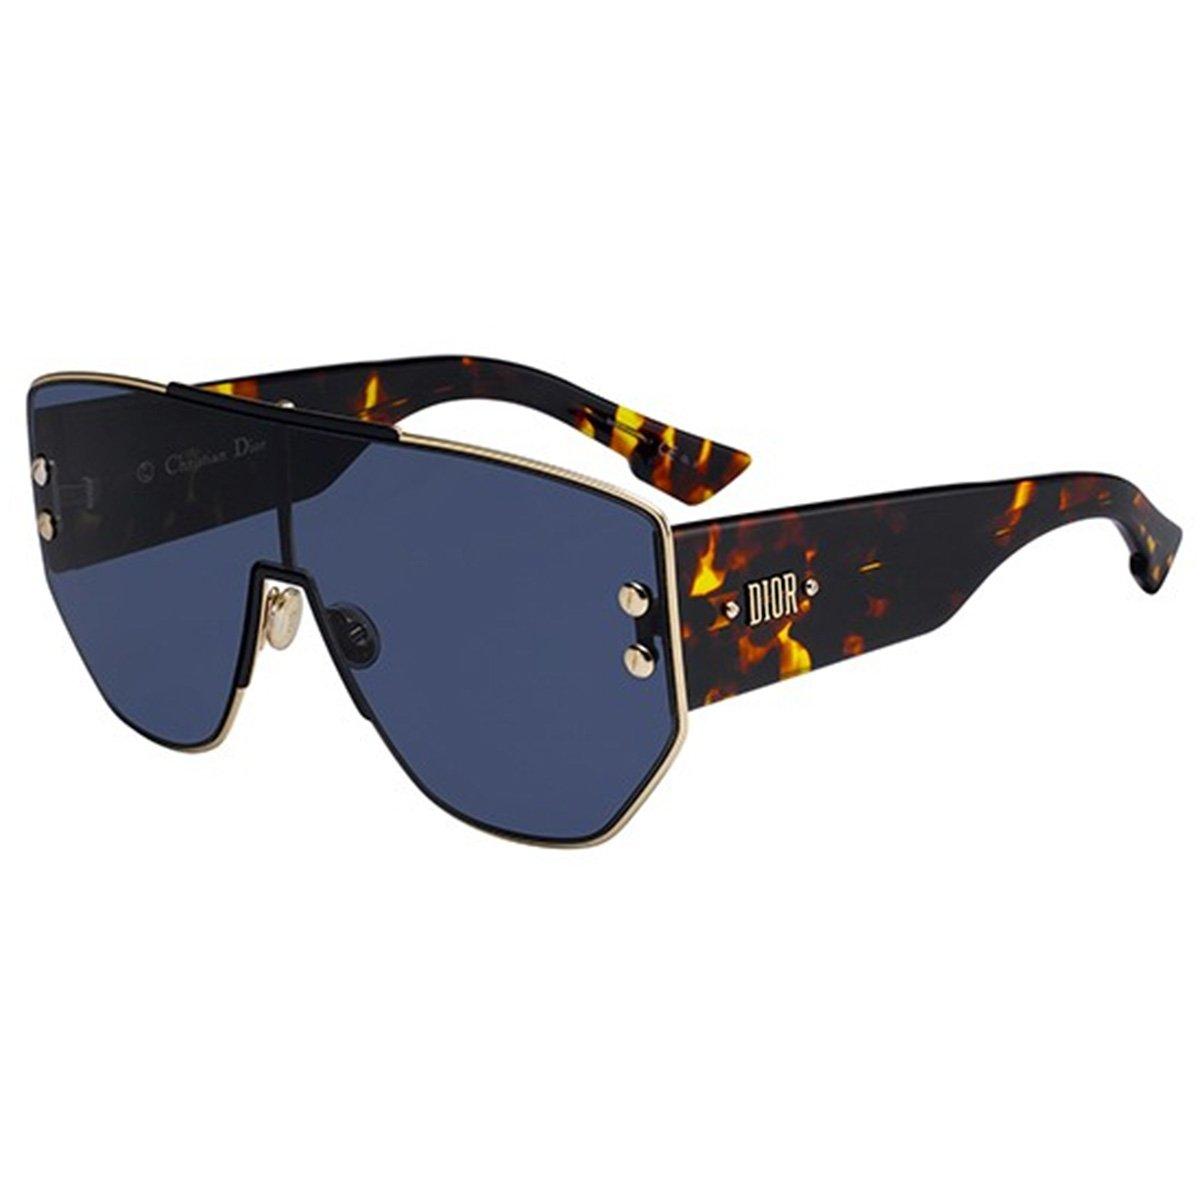 Compre Óculos de Sol Dior Addict 1 em 10X   Tri-Jóia Shop 01277f7e04